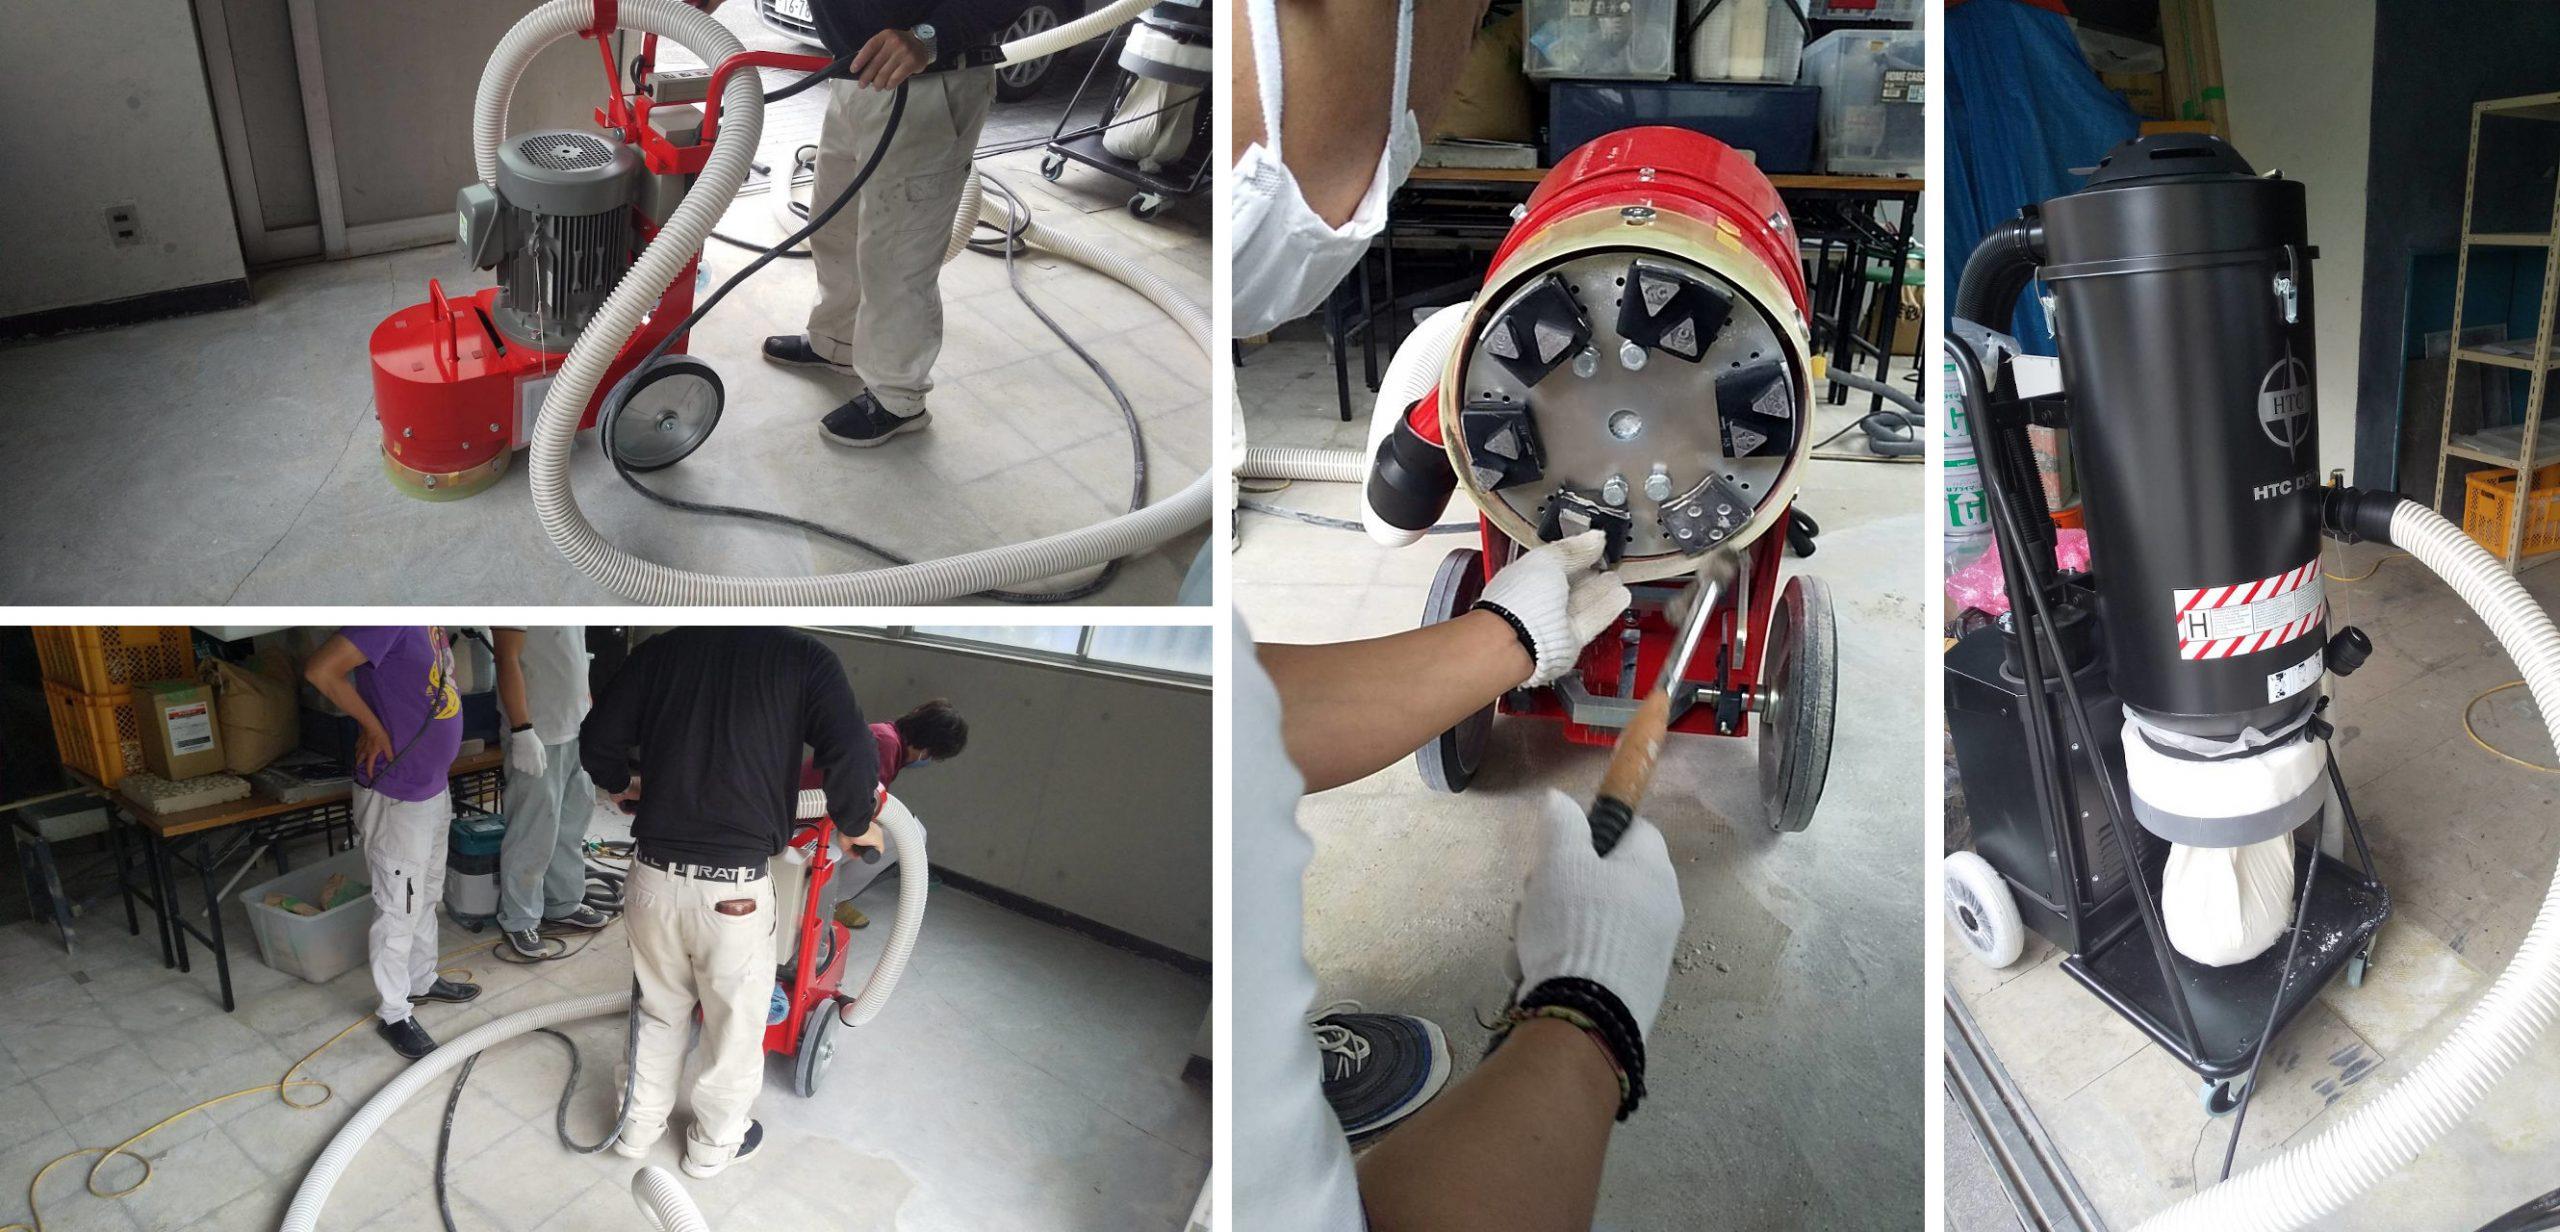 床面研磨機『トルネード』とHTC集塵機『D30』の納品に伺いました。